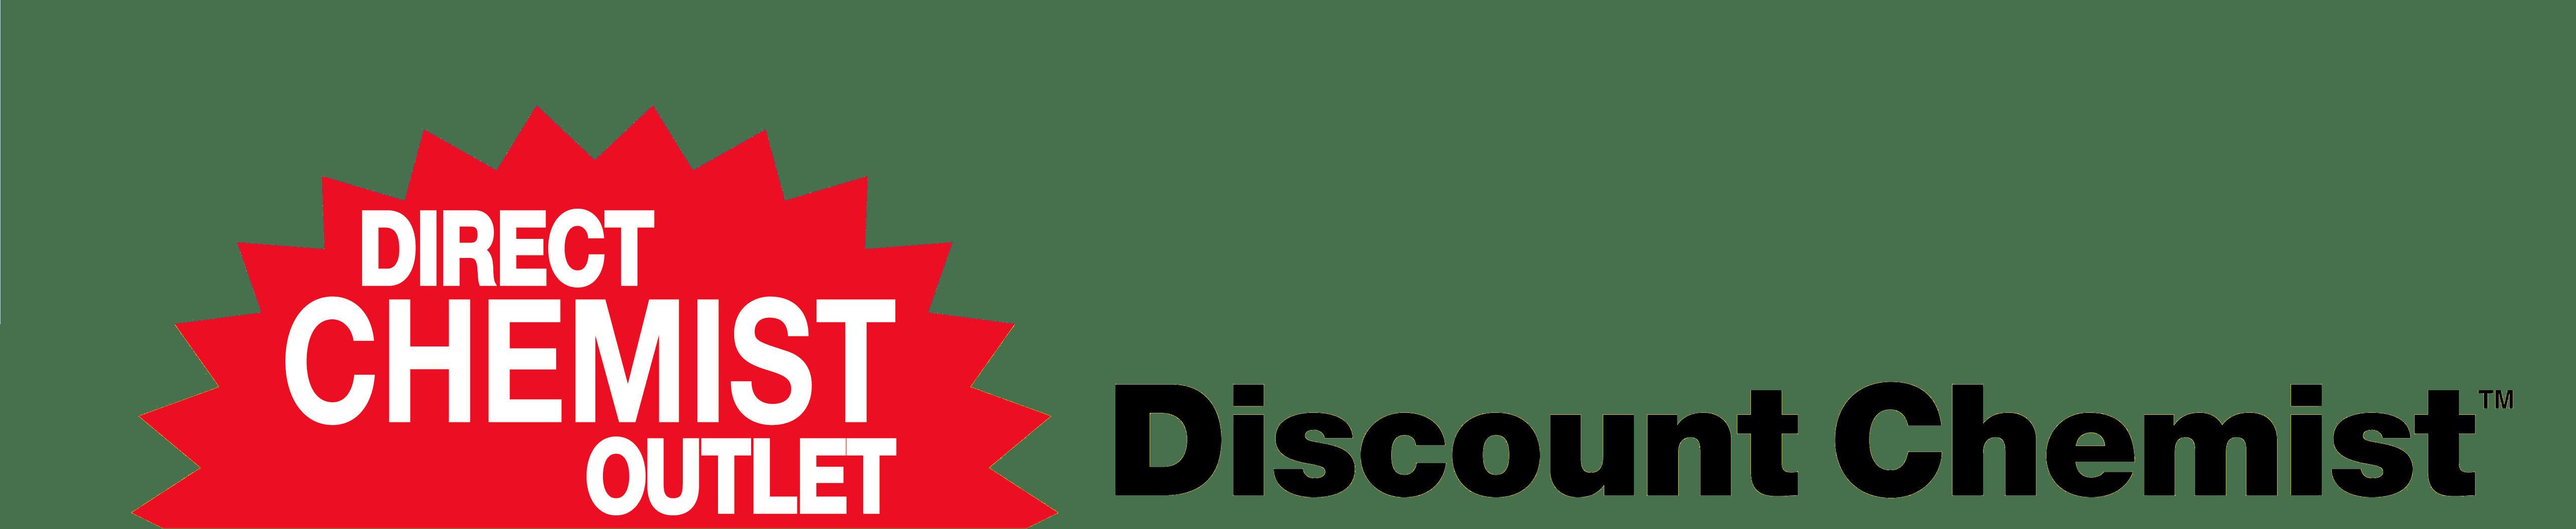 澳大利亚DCO连锁大药房